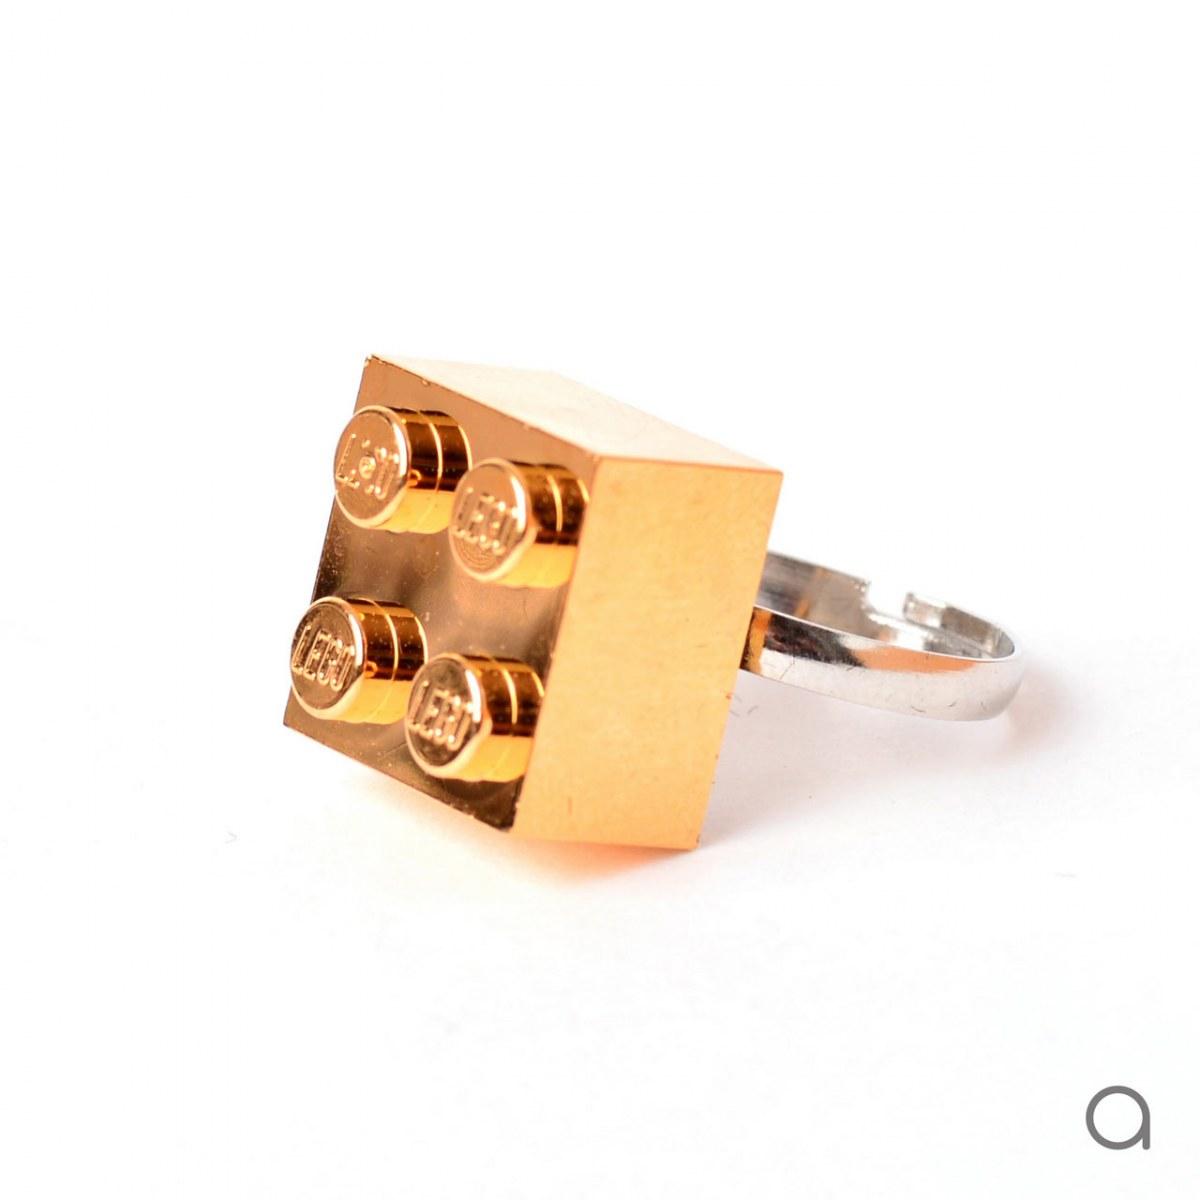 ddc4060ac9 ... Agabag-Gold-plated-LEGO-bricks-10 ...